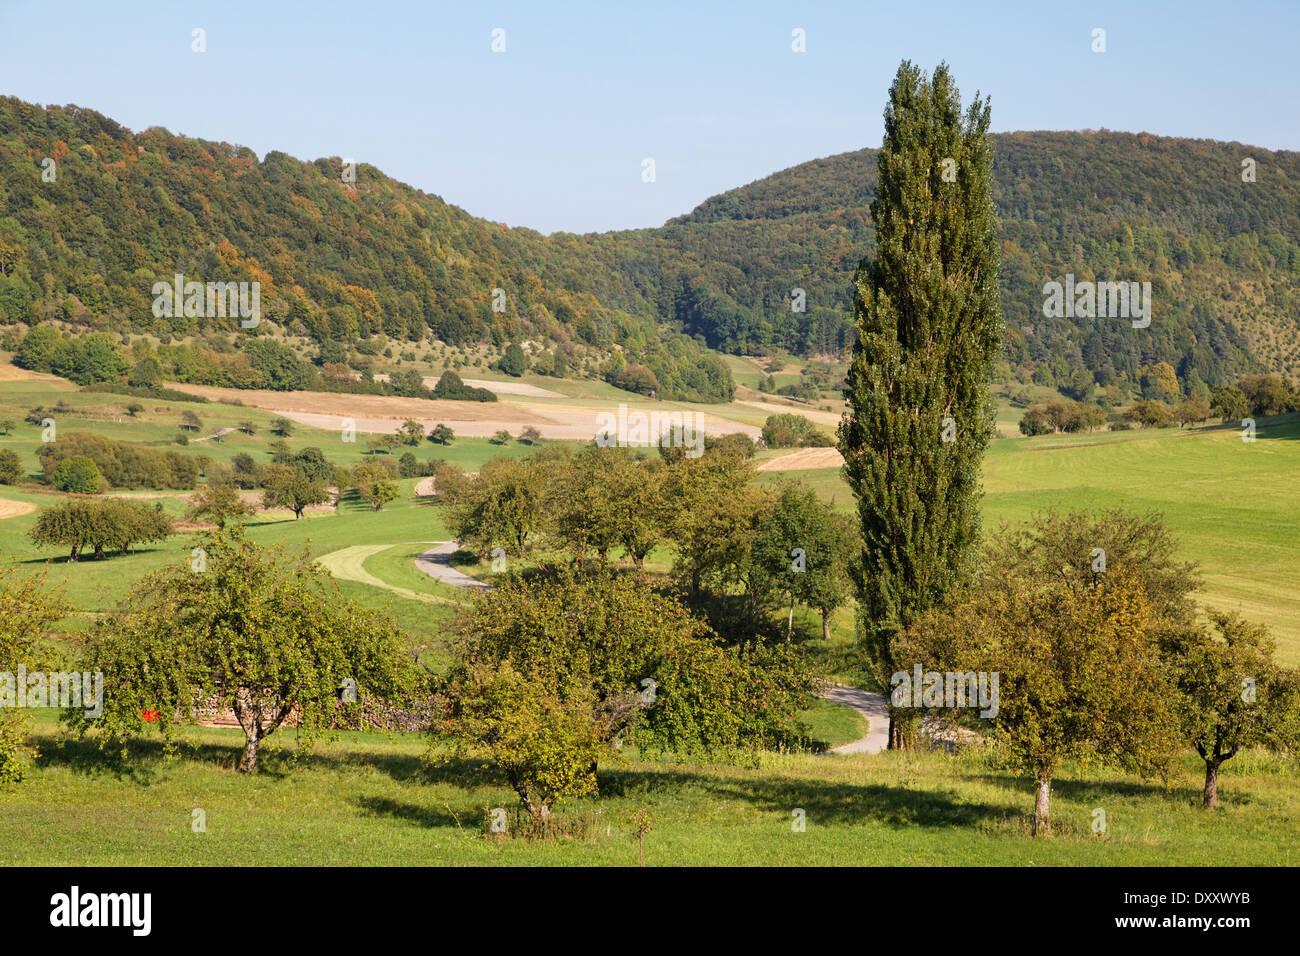 Germany, Baden-Wurttemberg, Swabian Alb, landscape near Unterböhringen, tree, road - Stock Image